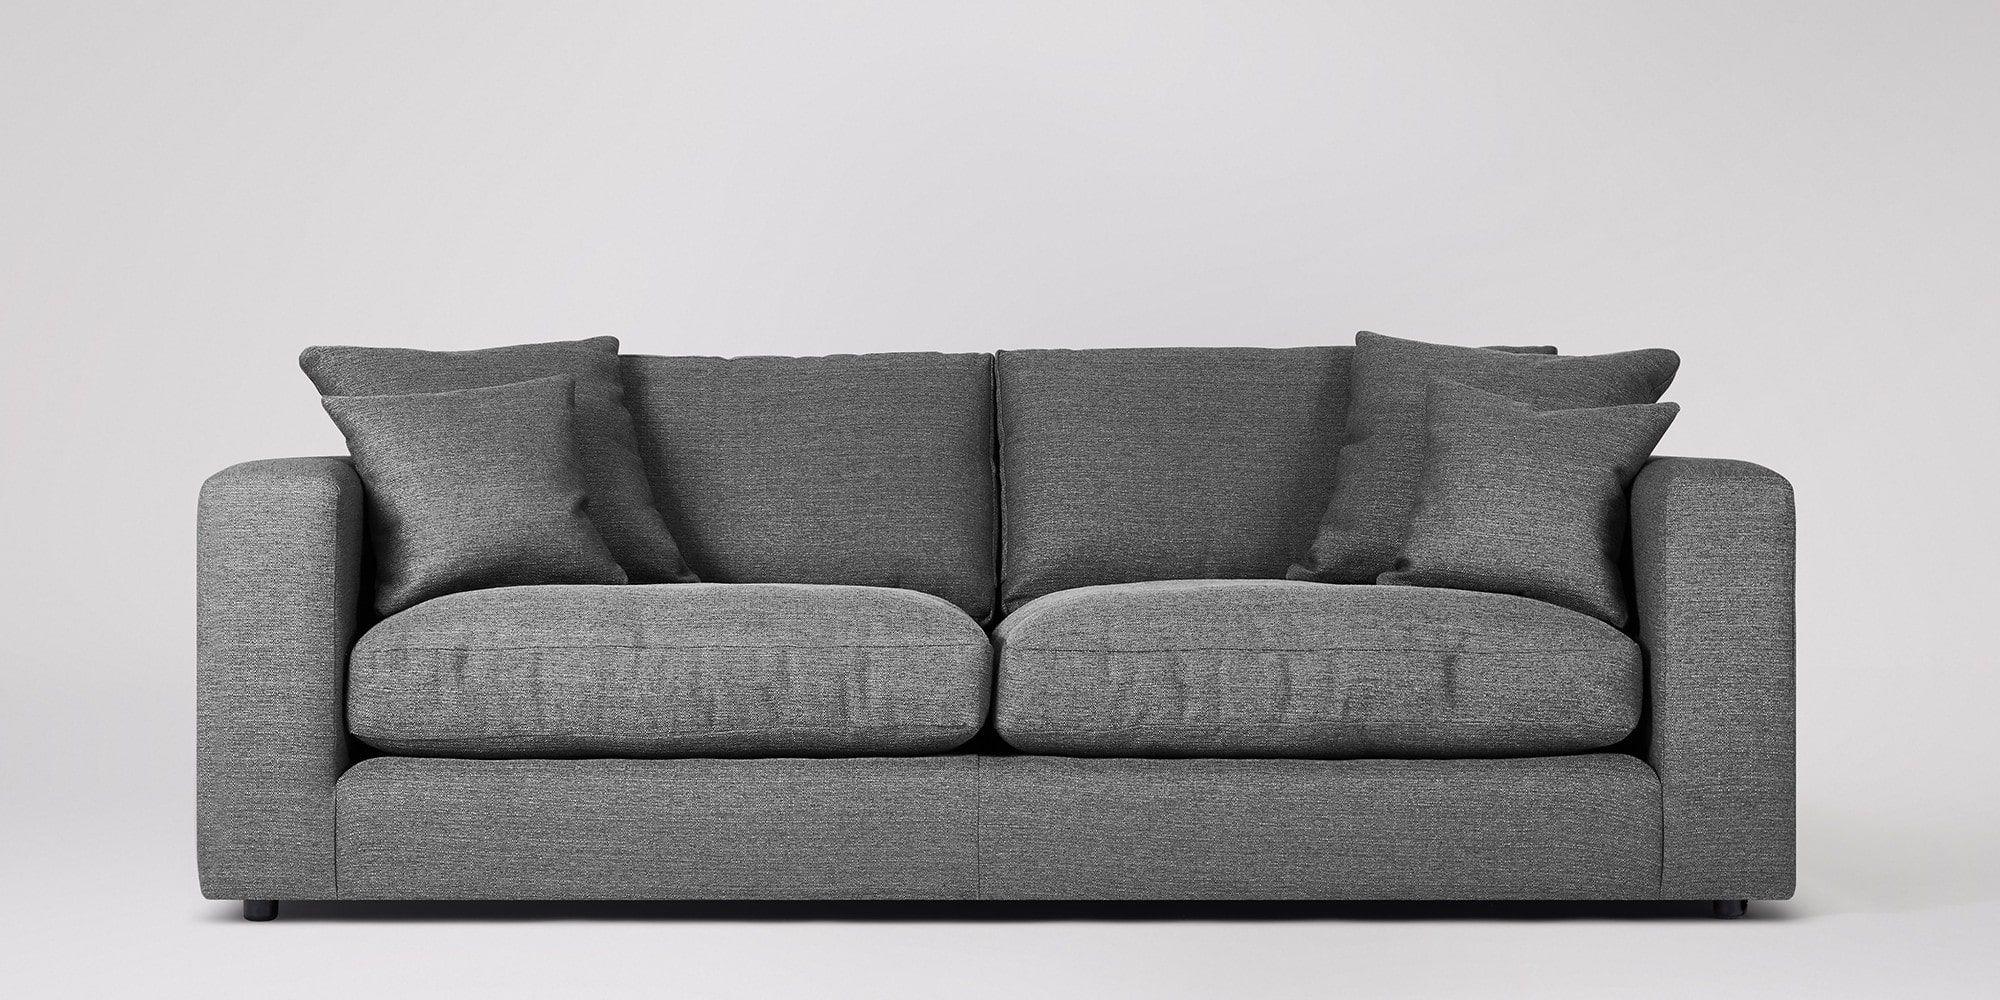 Althaea Three Seater Sofa Love Seat Sofa